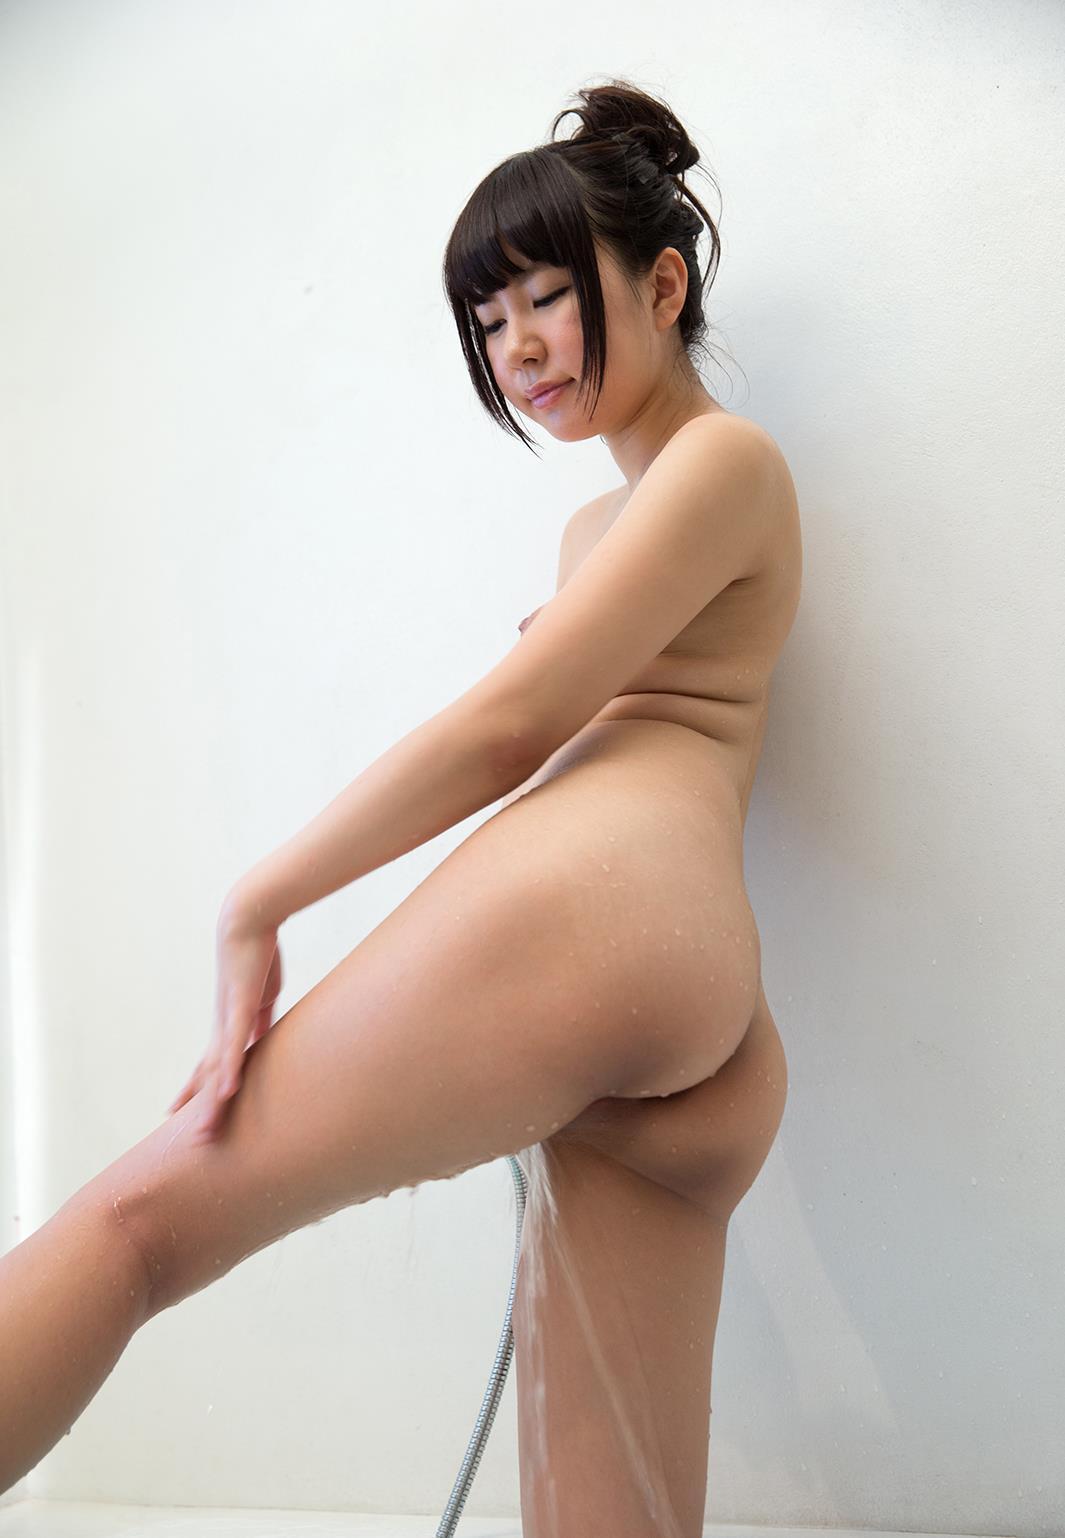 逢坂はるな(成瀬理沙)画像 118